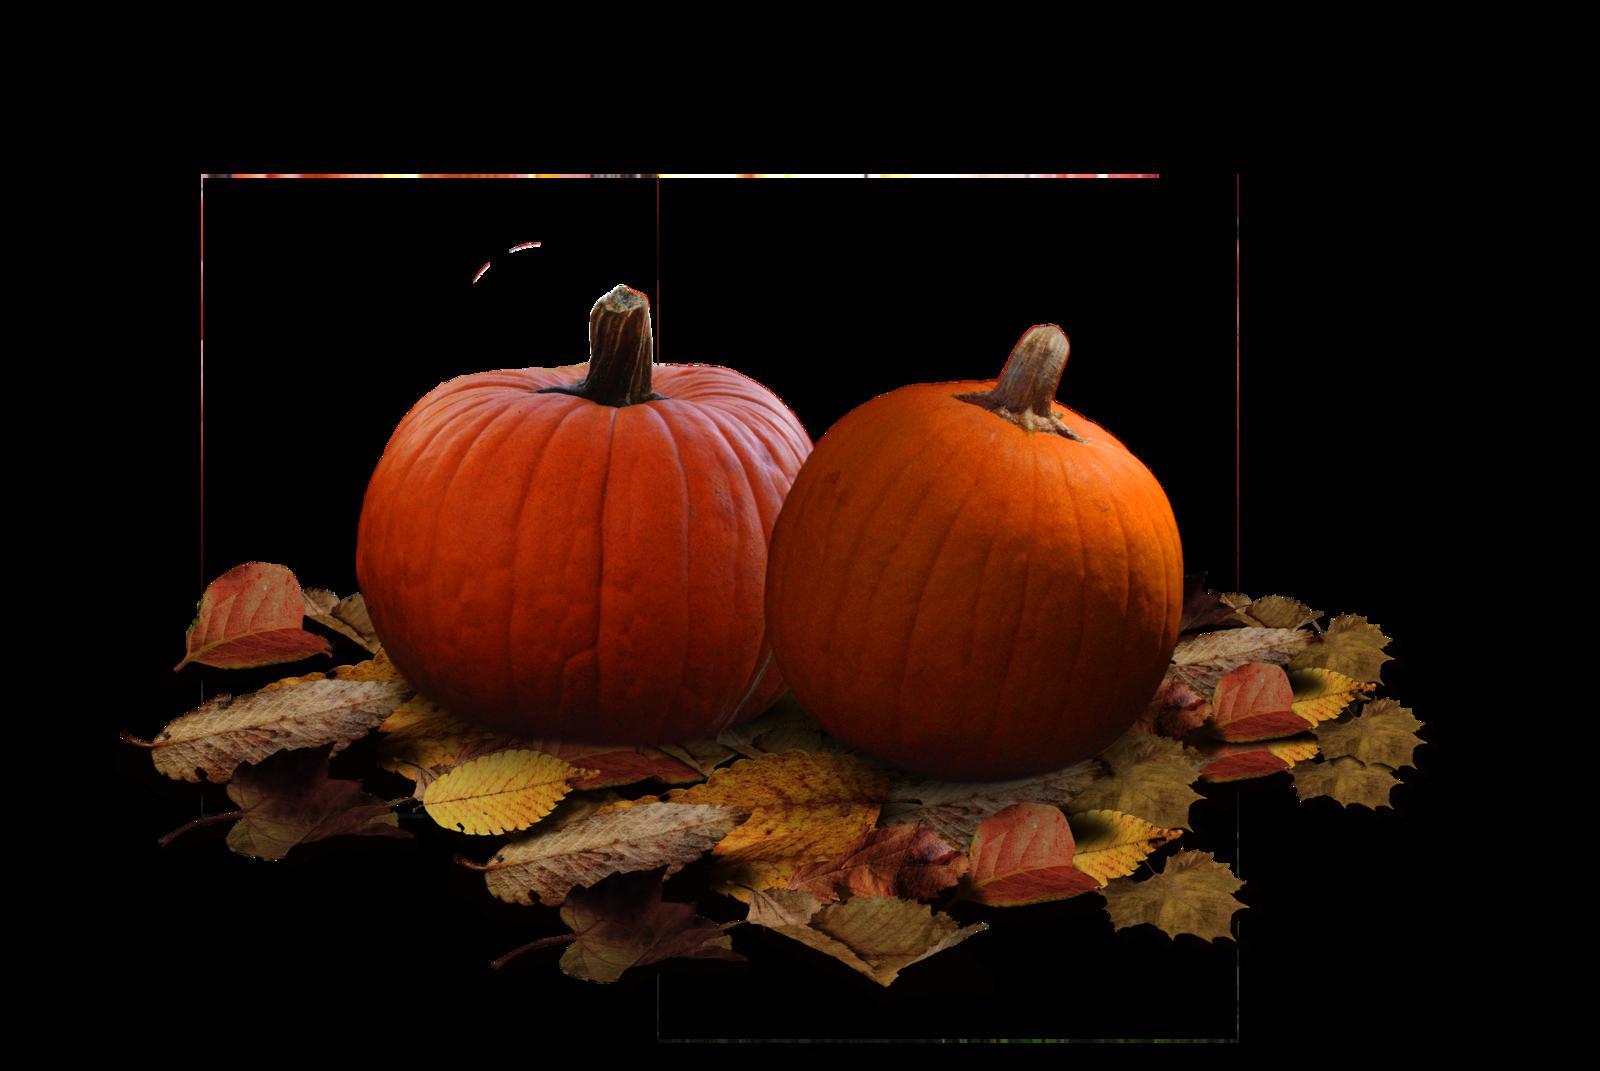 clipart pumpkin day